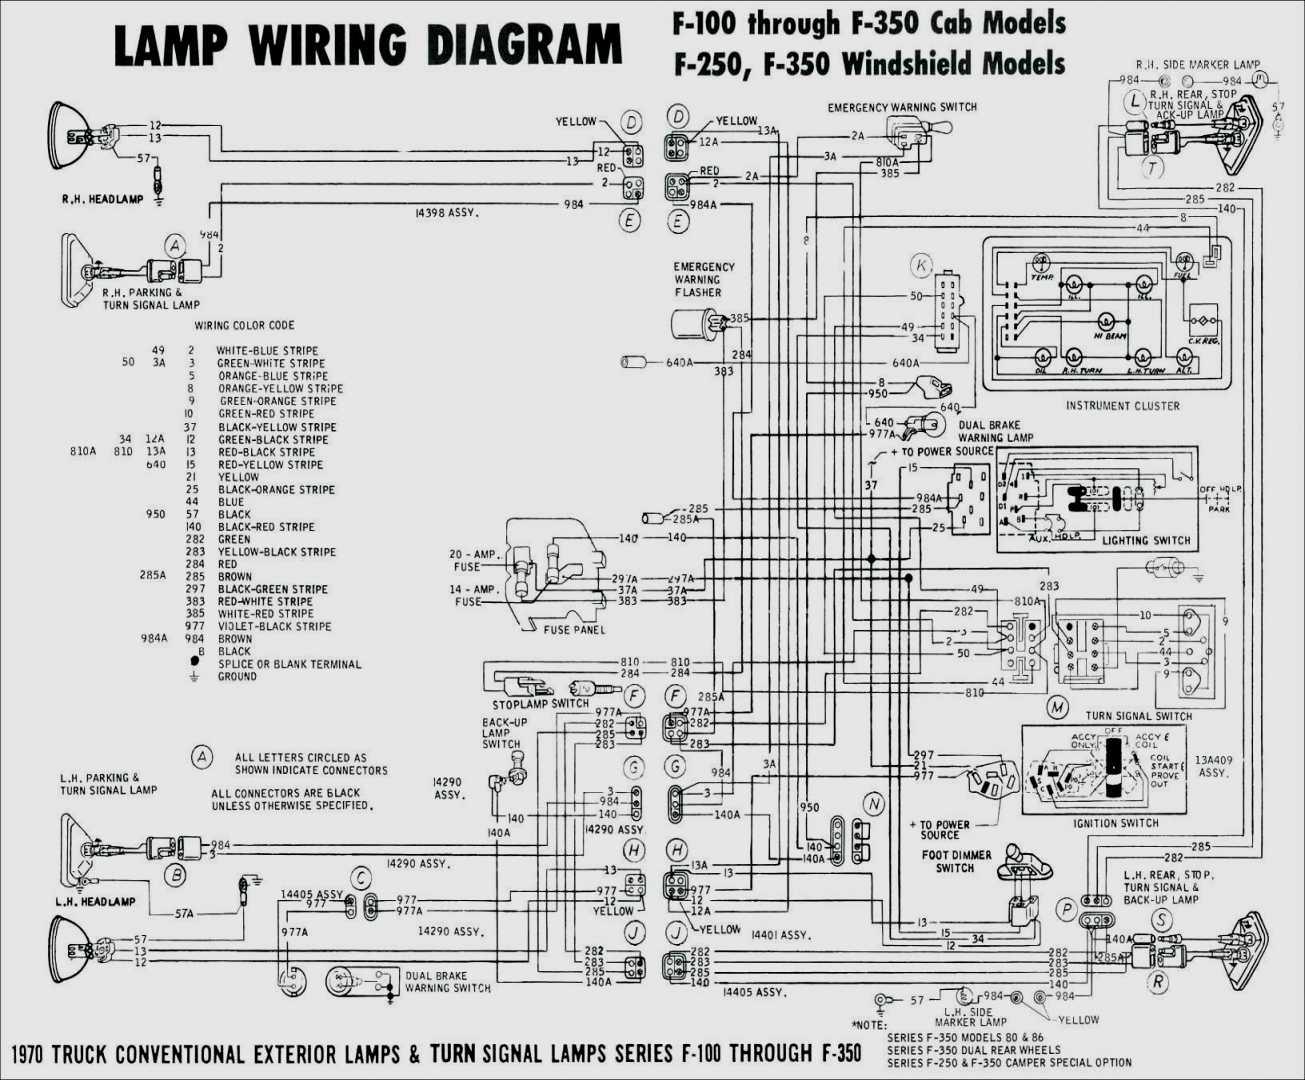 Kubota Ignition Switch Wiring Diagram John Deere Ignition Wiring - Kubota Ignition Switch Wiring Diagram